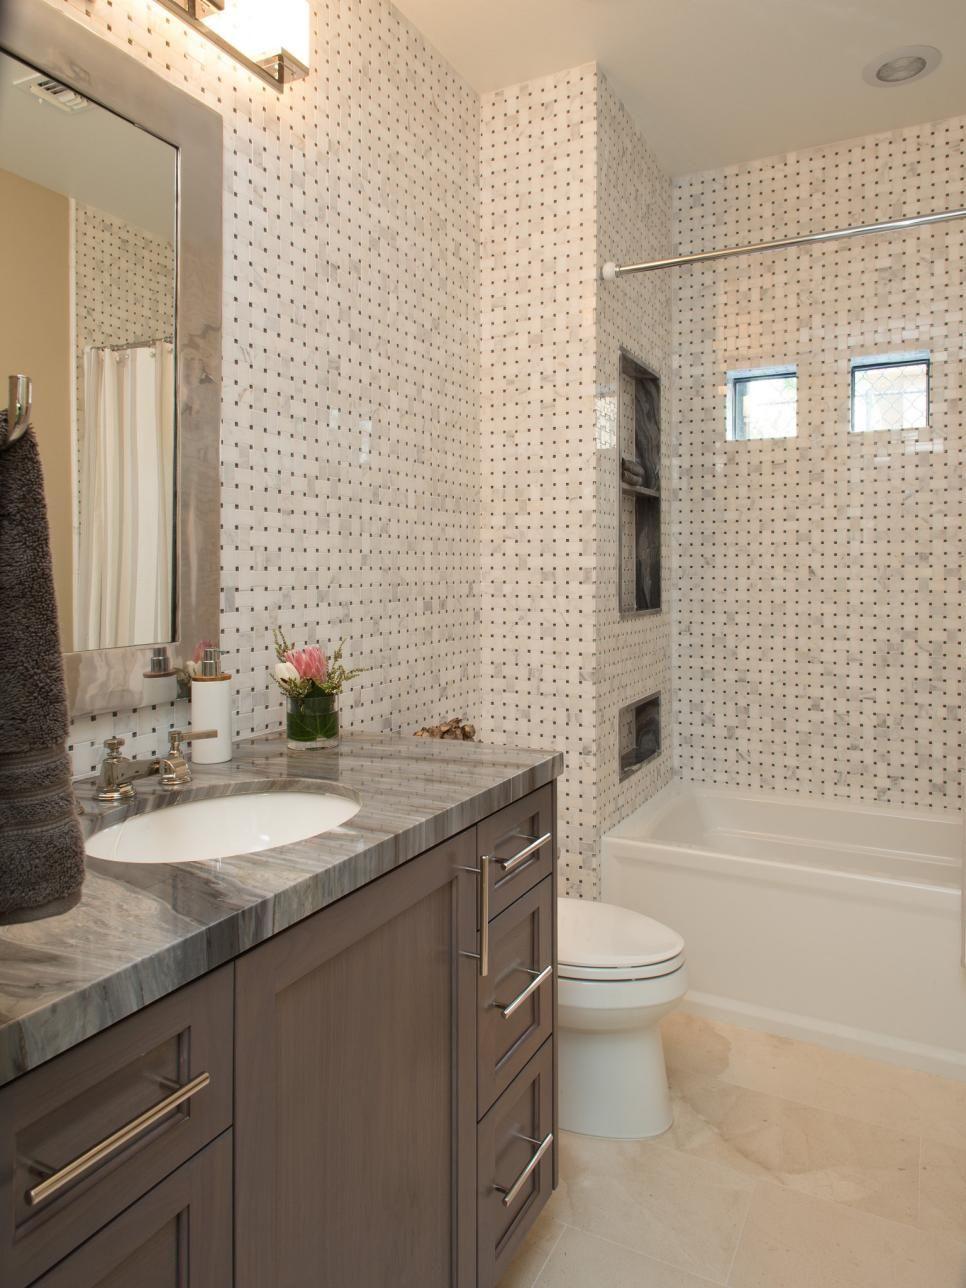 Pia banheiro granito cinza apresentadores Drew e Jonathan Scott (Discovery Ho -> Pia Banheiro Cinza